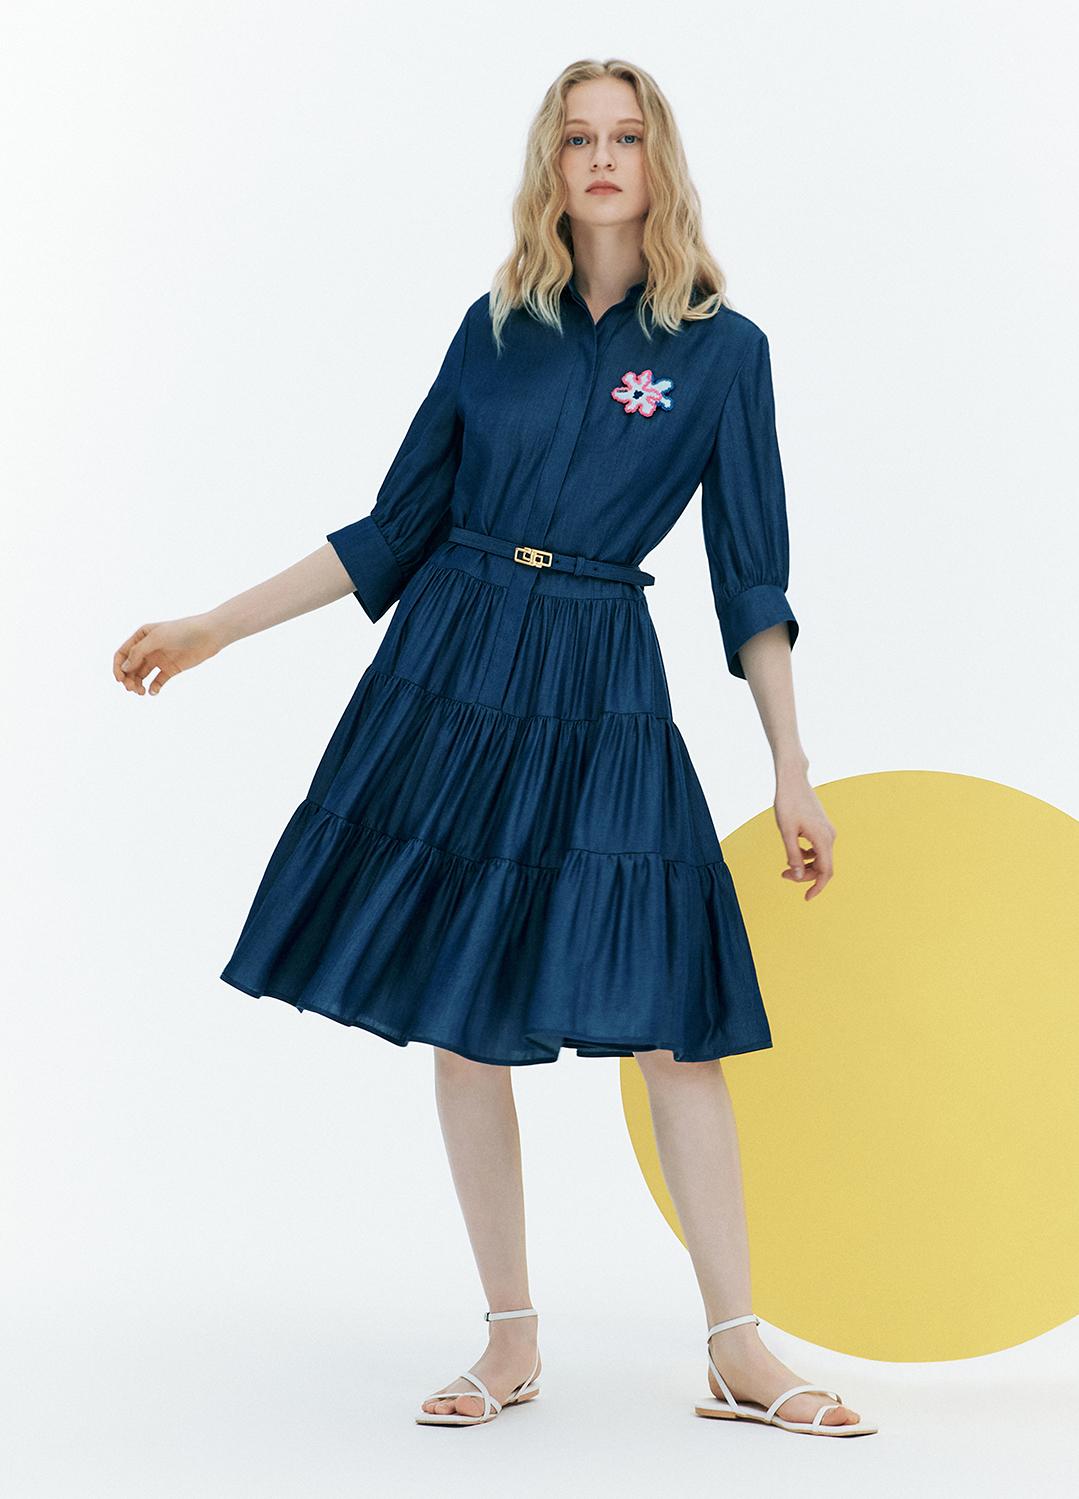 [FAD] Tiered shirt dress